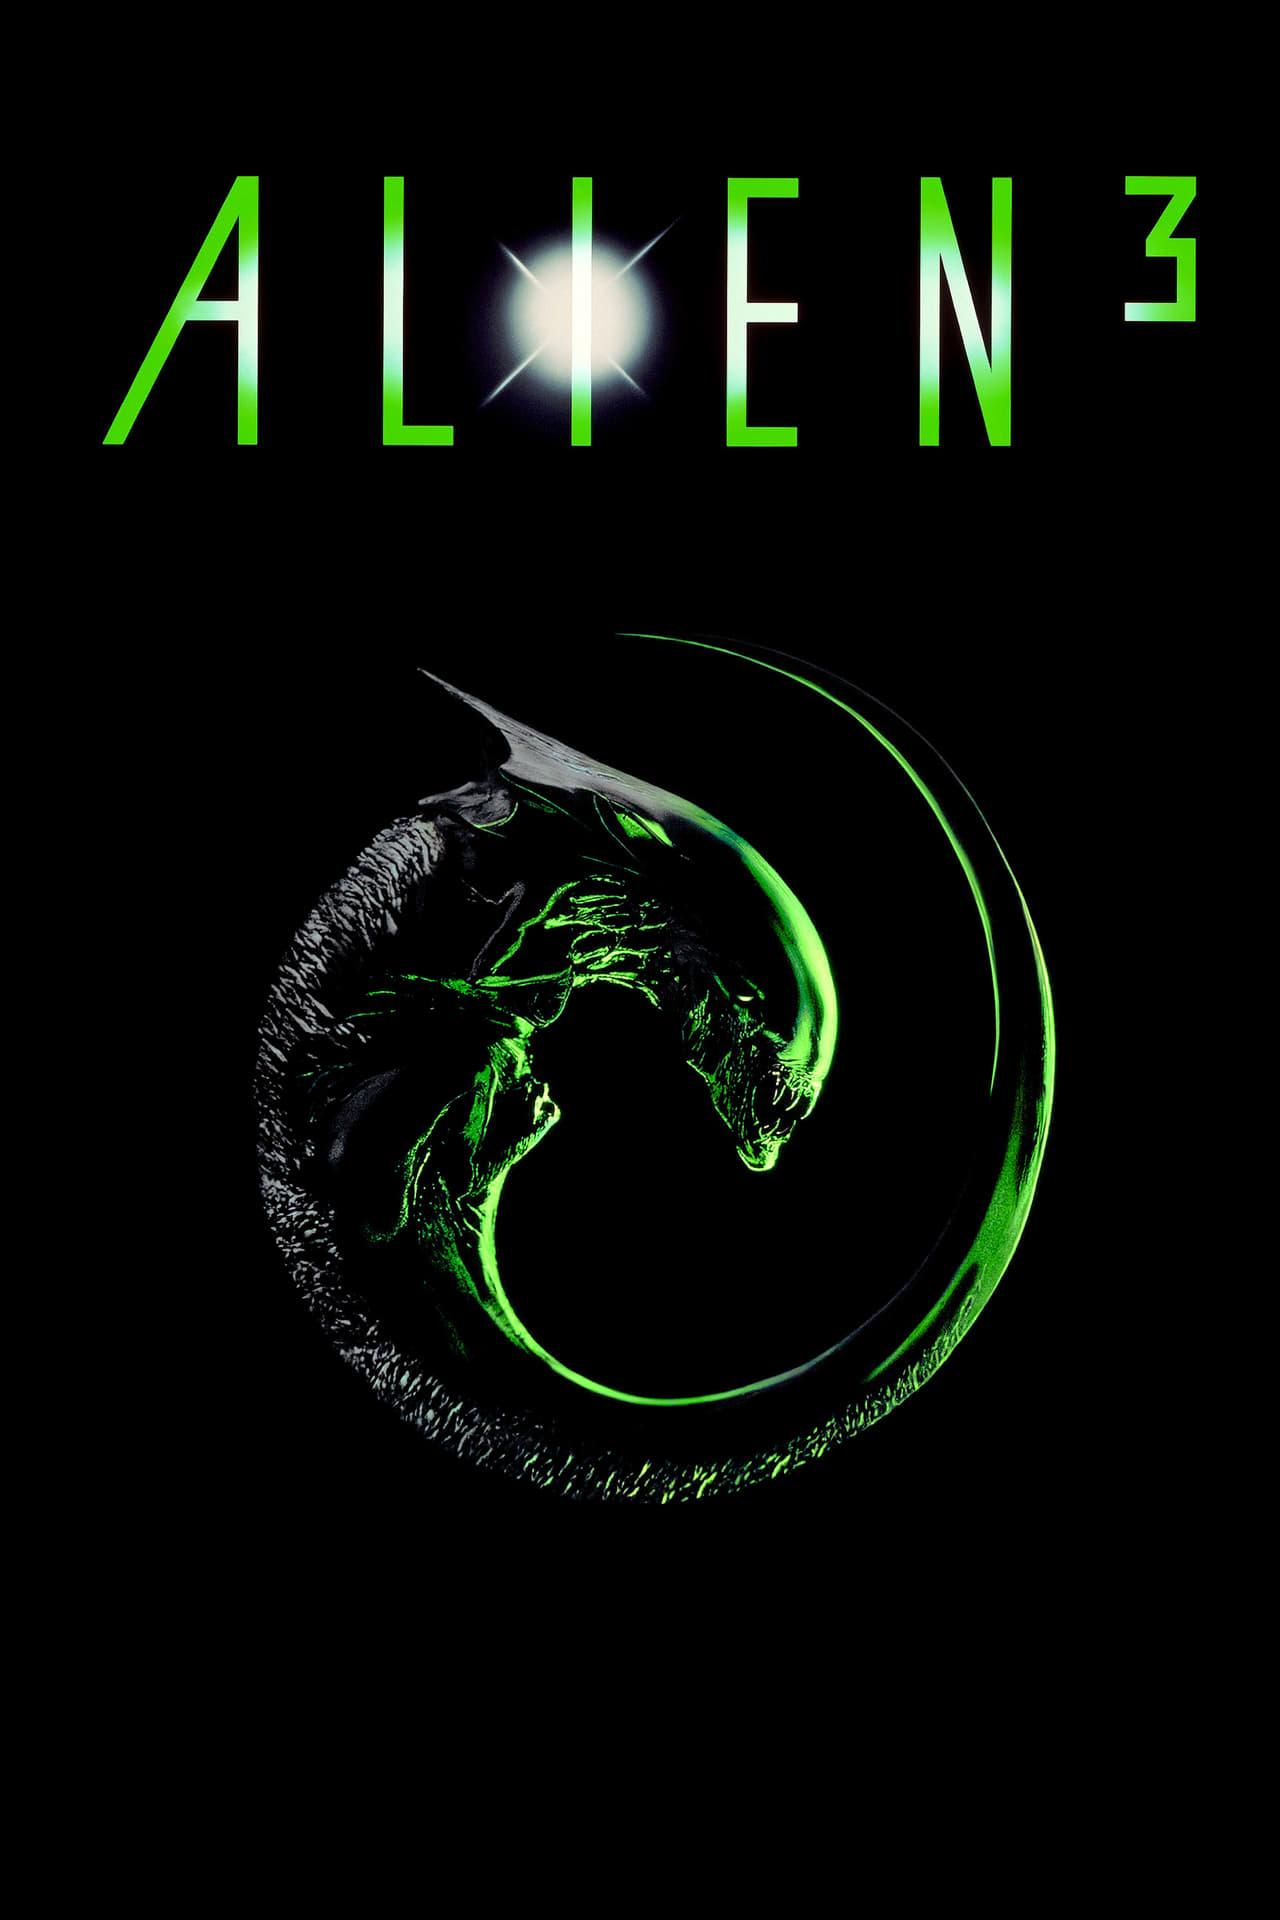 """Alien³"""""""